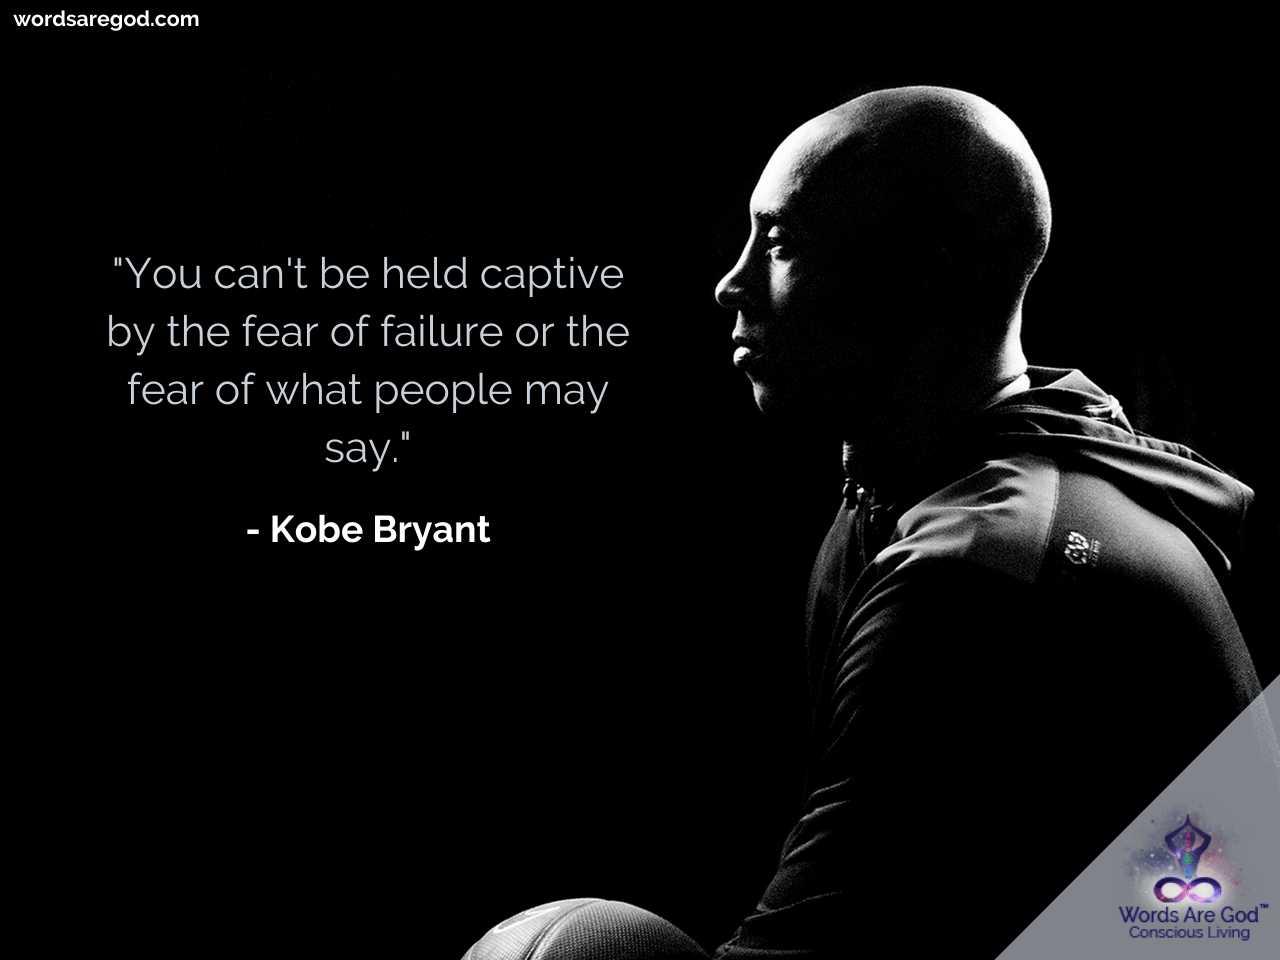 Kobe Bryant Inspirational Quote by Kobe Bryant